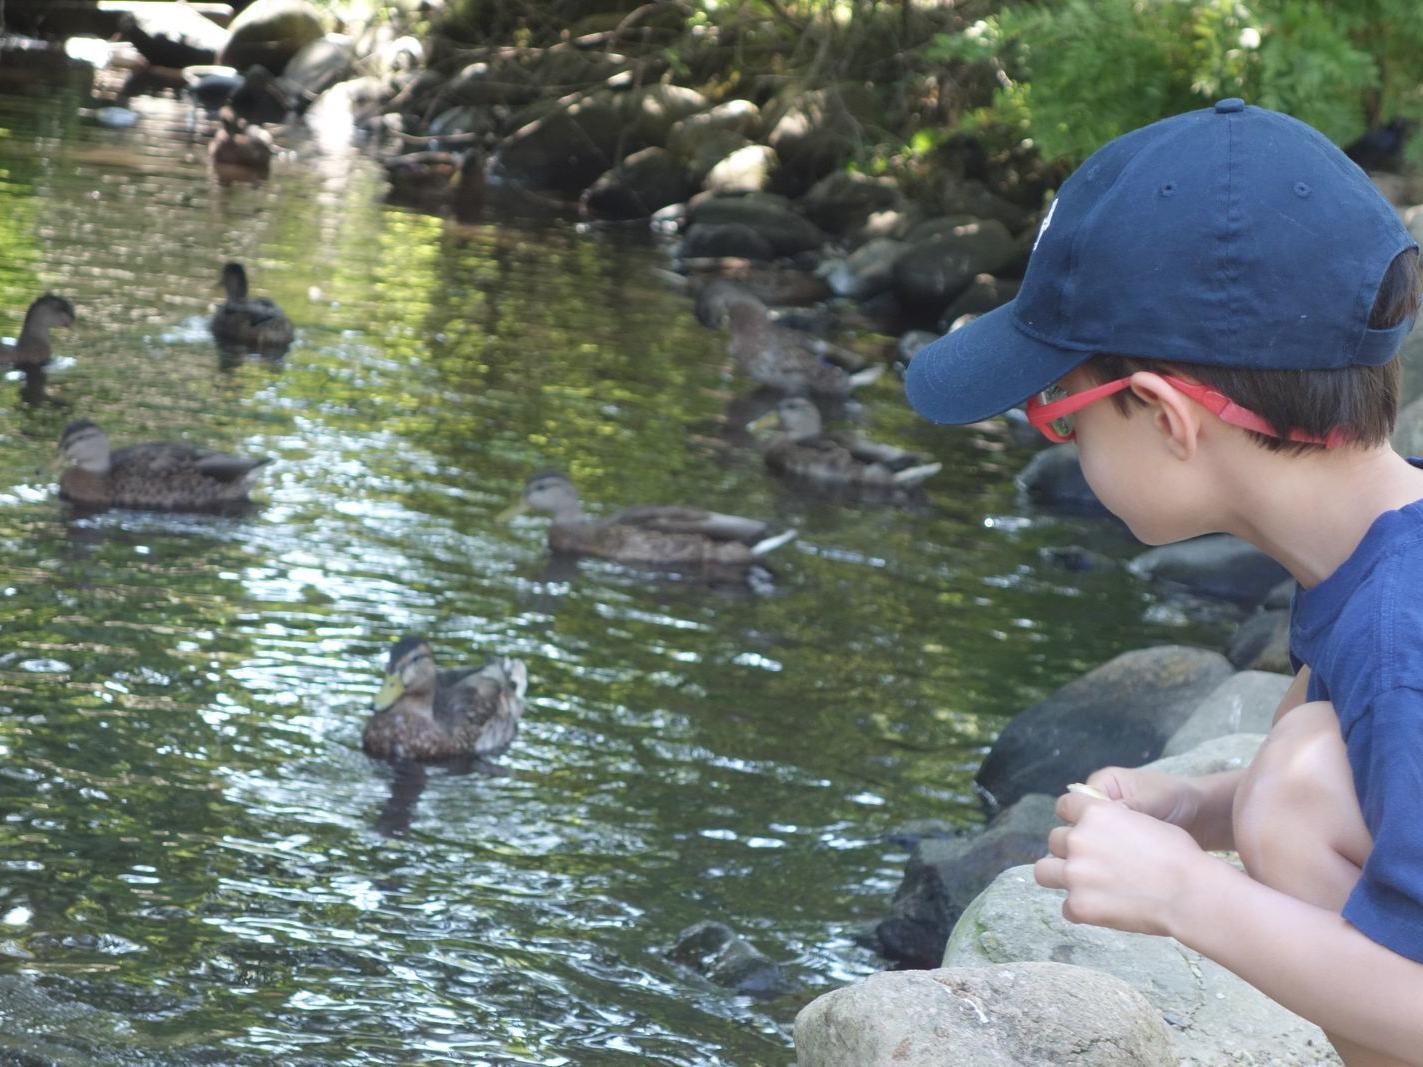 Children Outdoor Activities in East Hampton, NY